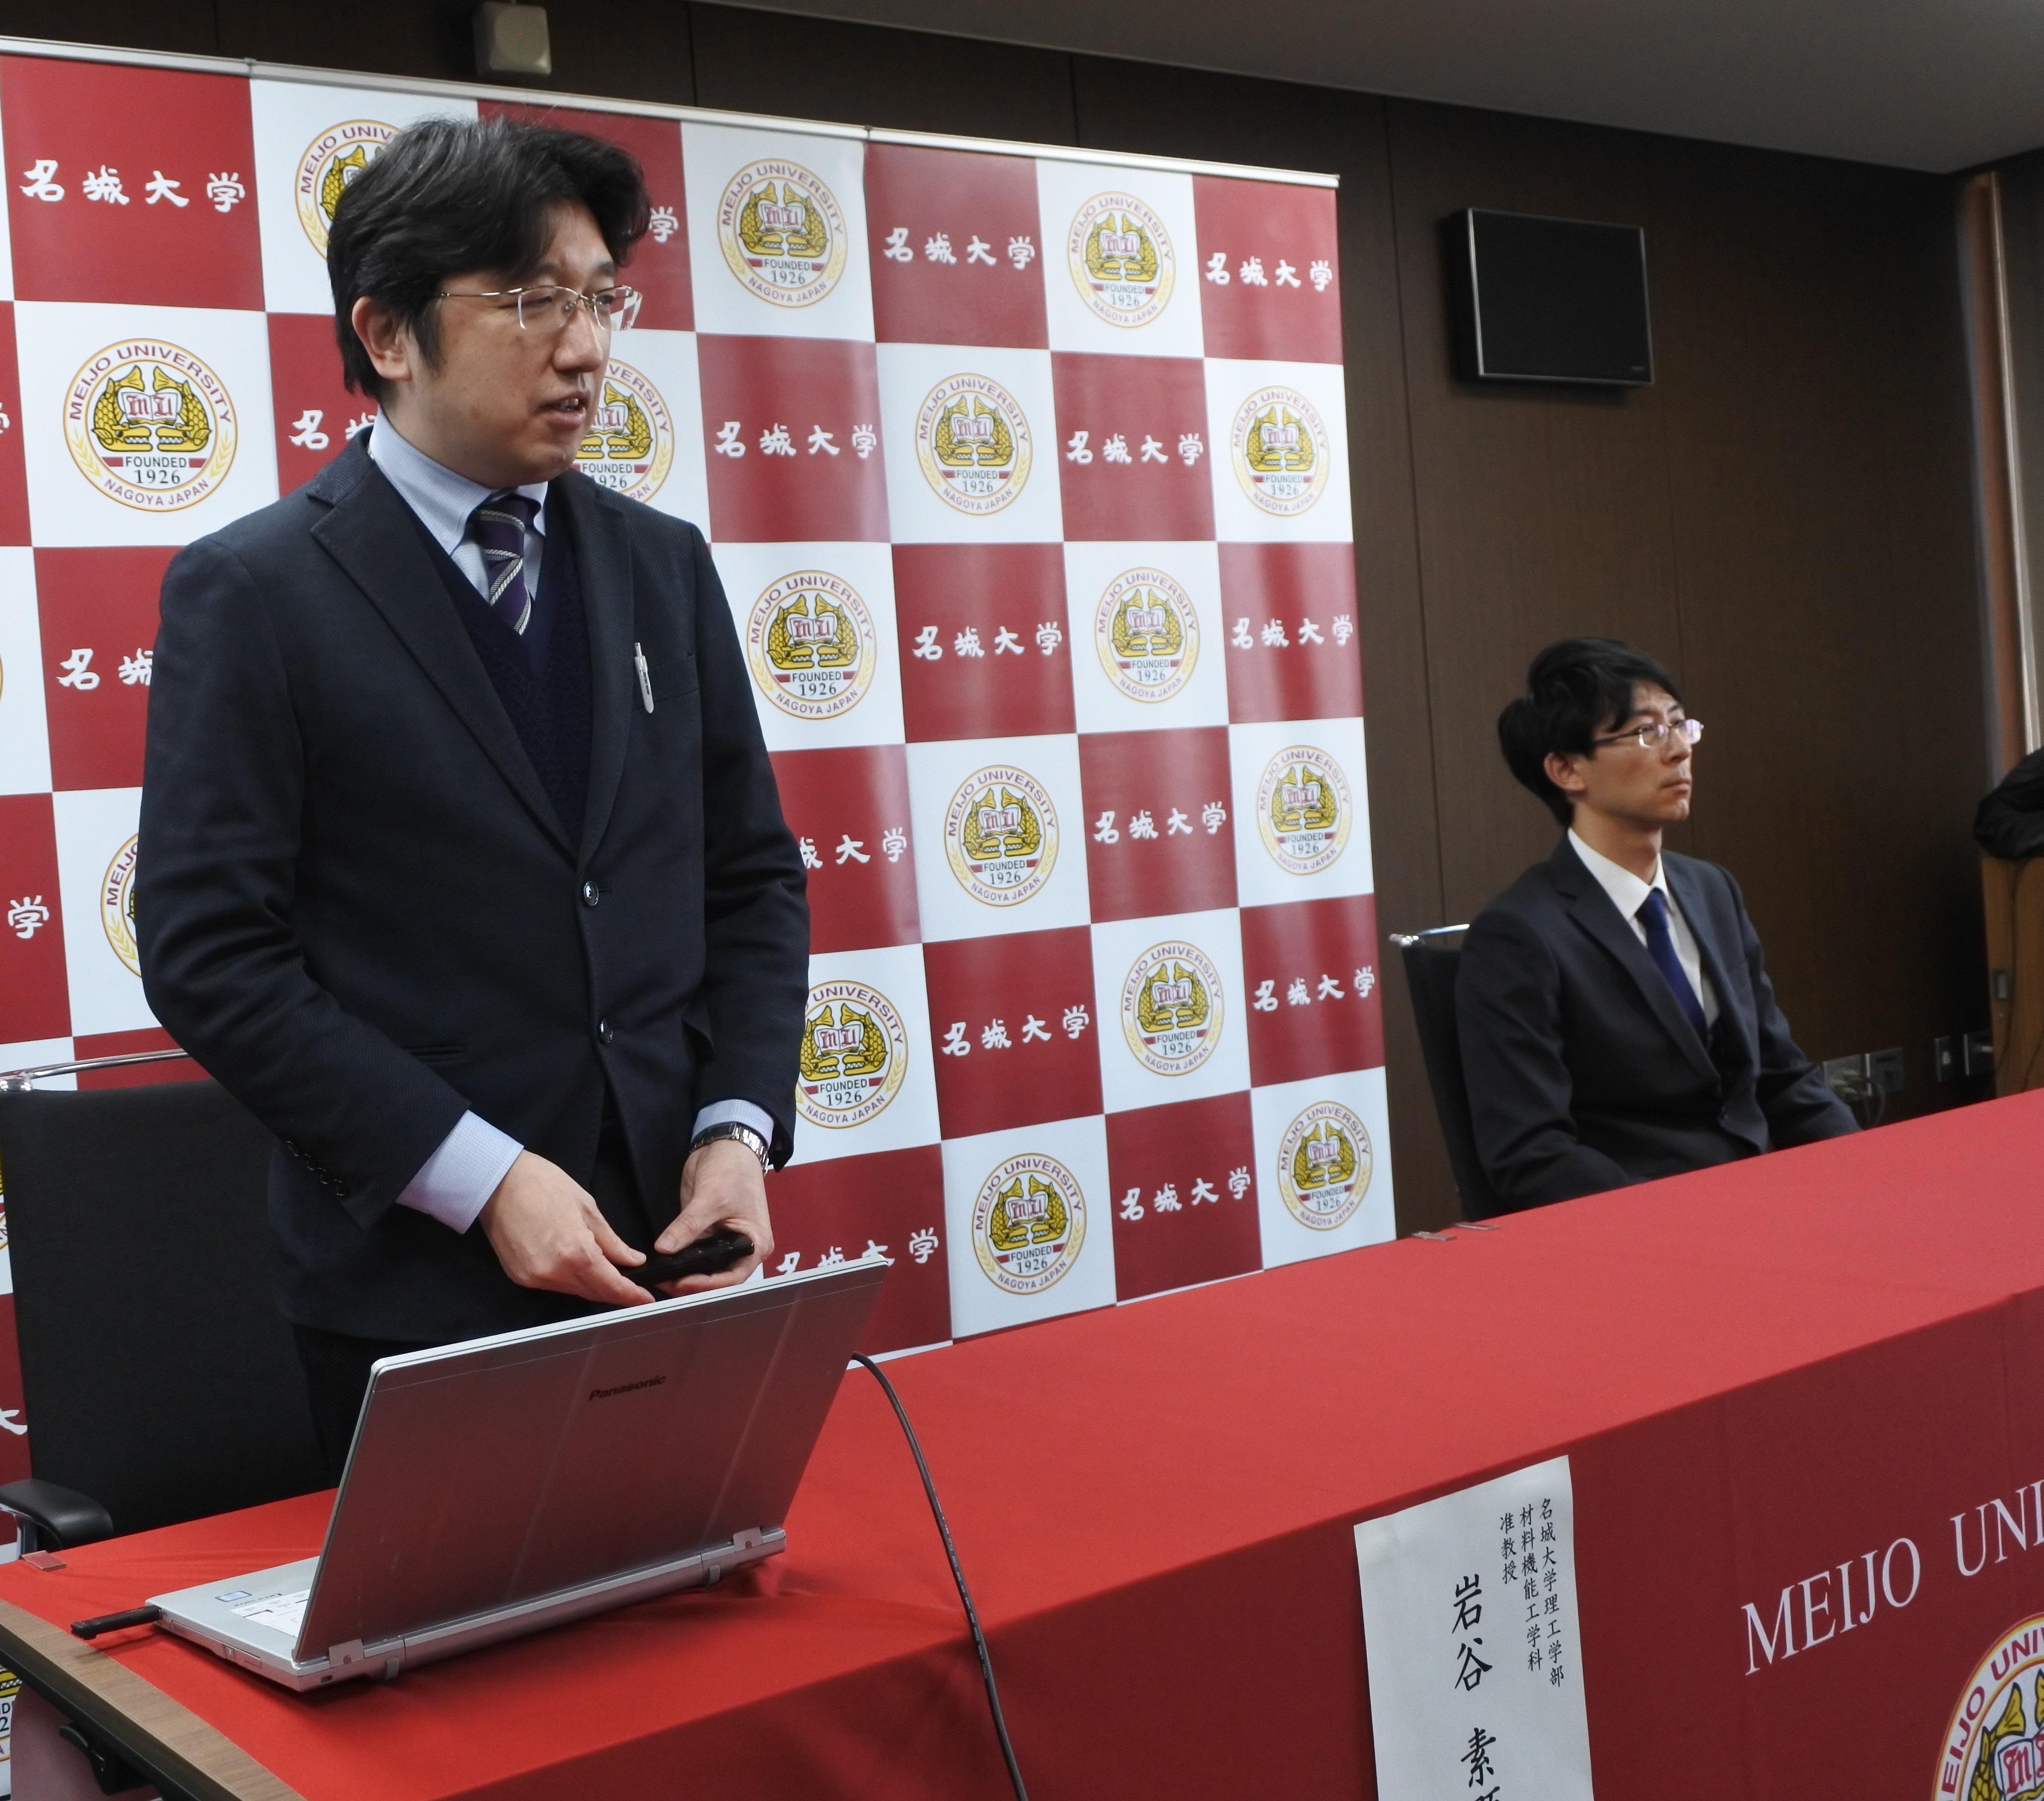 2020年2月19日、記者会見する岩谷素顕准教授(当時)=左=と佐藤恒輔さん